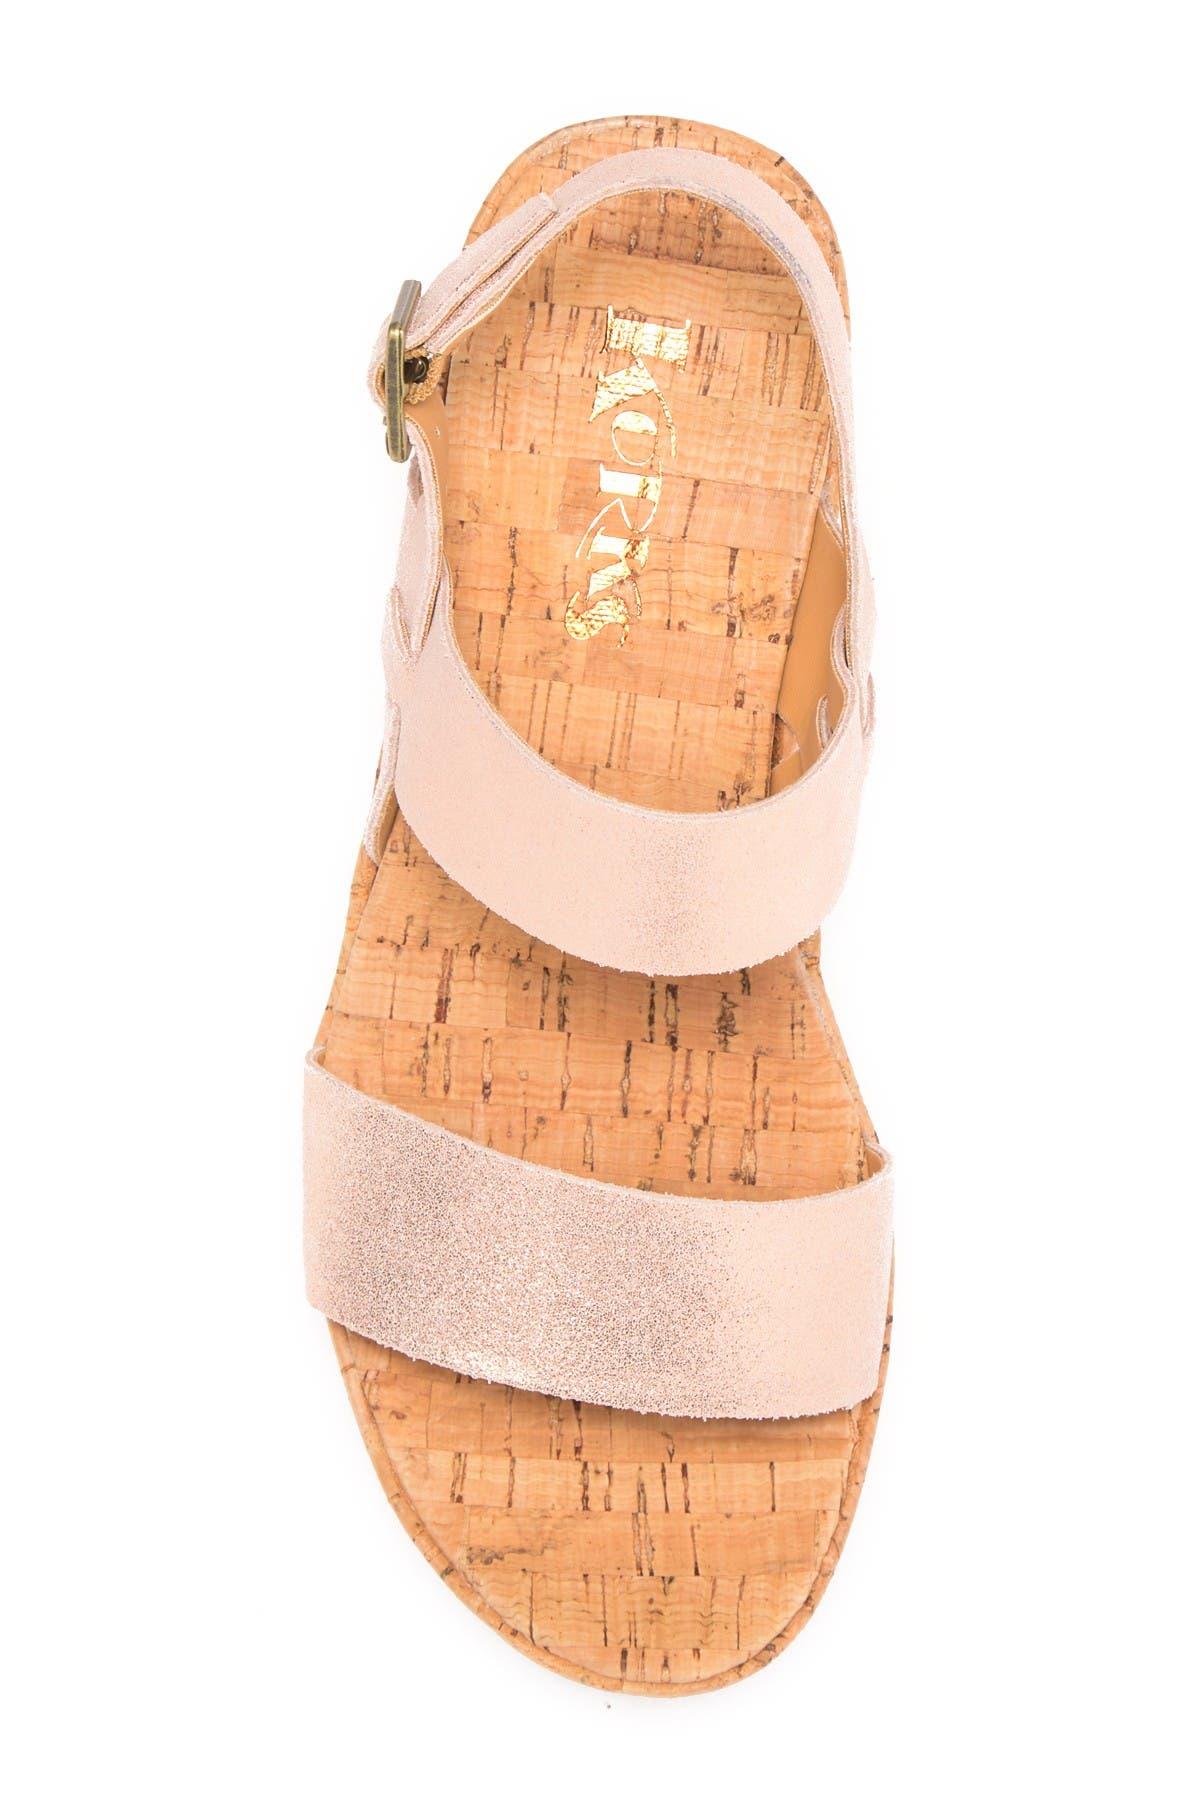 KORKS | Tome Platform Wedge Sandal